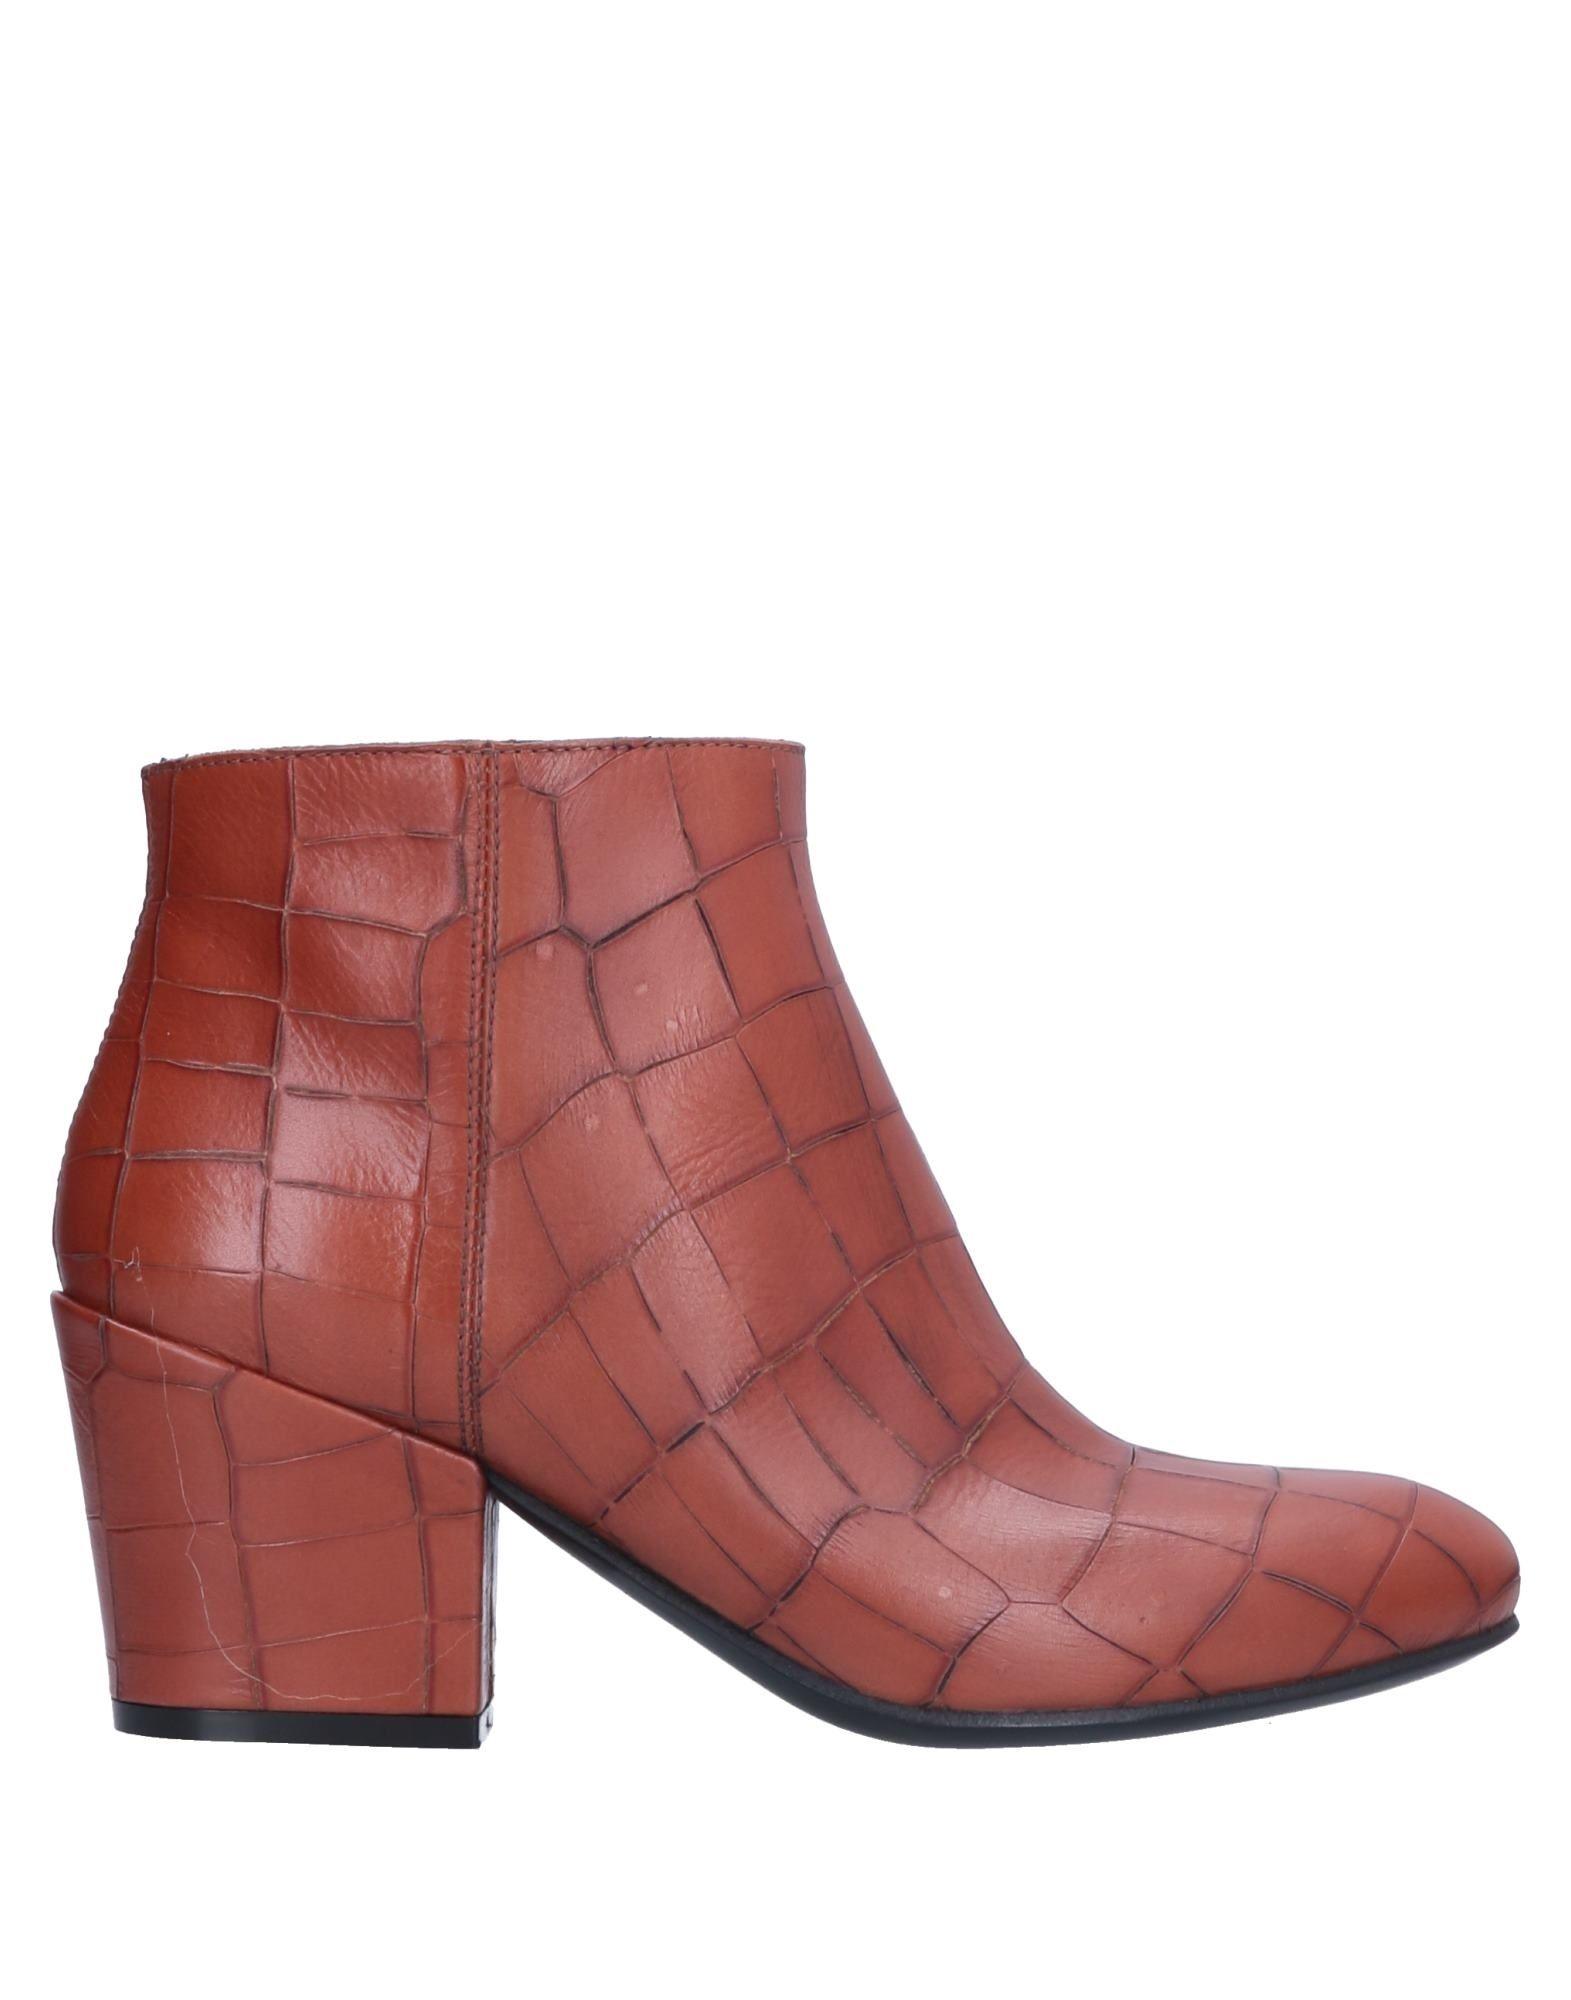 Buttero® Stiefelette Damen  11553345LIGut aussehende strapazierfähige Schuhe